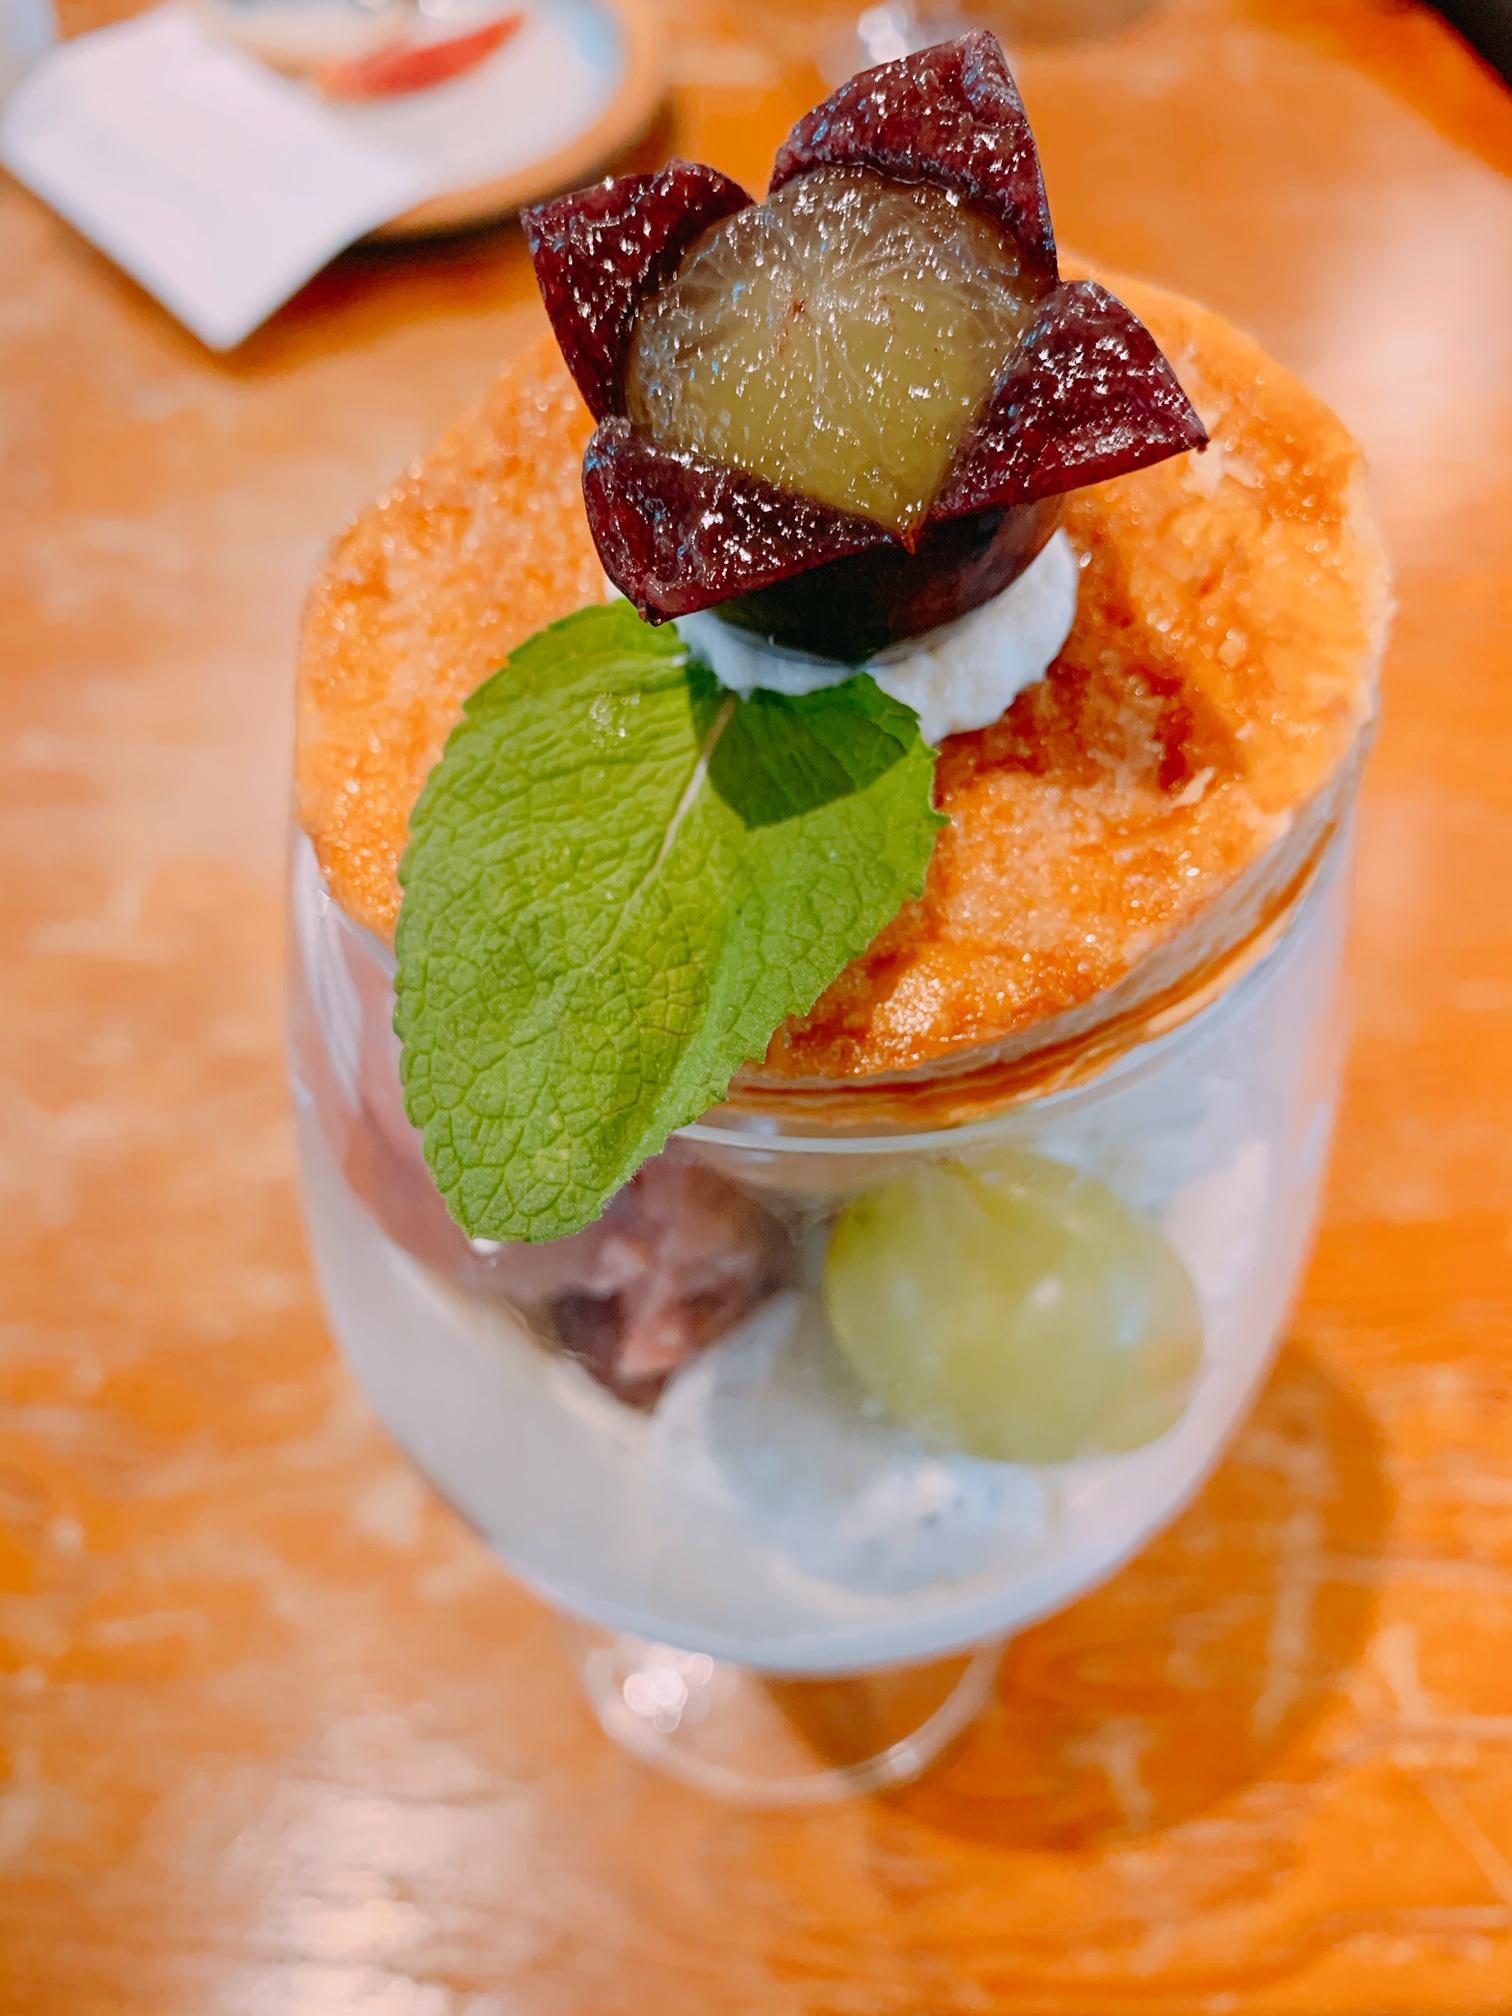 【おすすめカフェ】旬の《桃がまるごと&葡萄がたっぷり》詰まったジューシーなパフェ♡_8